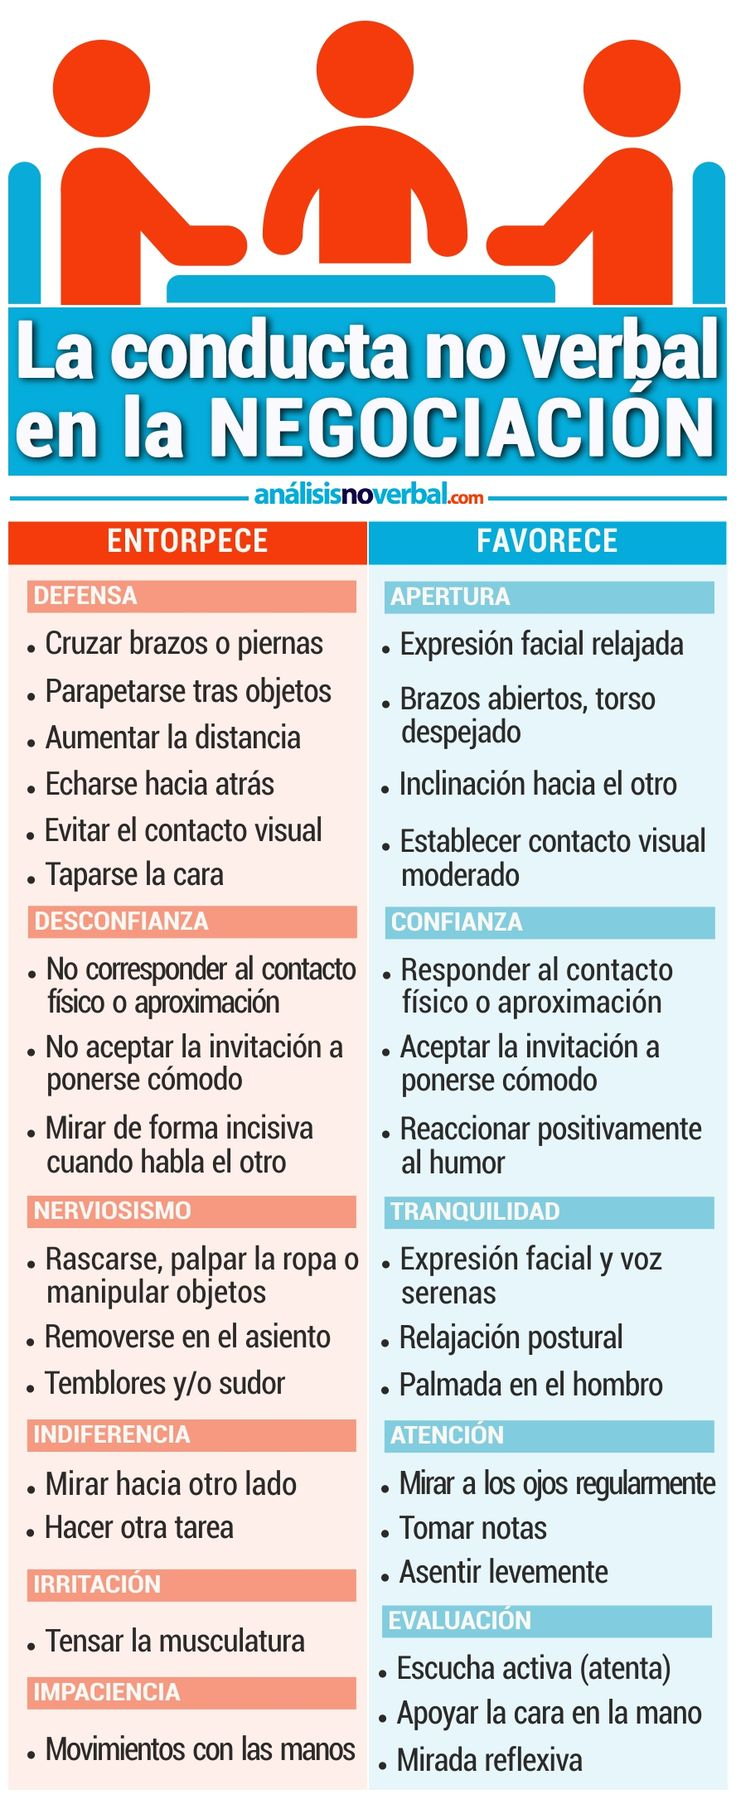 Infografía: las conductas no verbales en la negociación